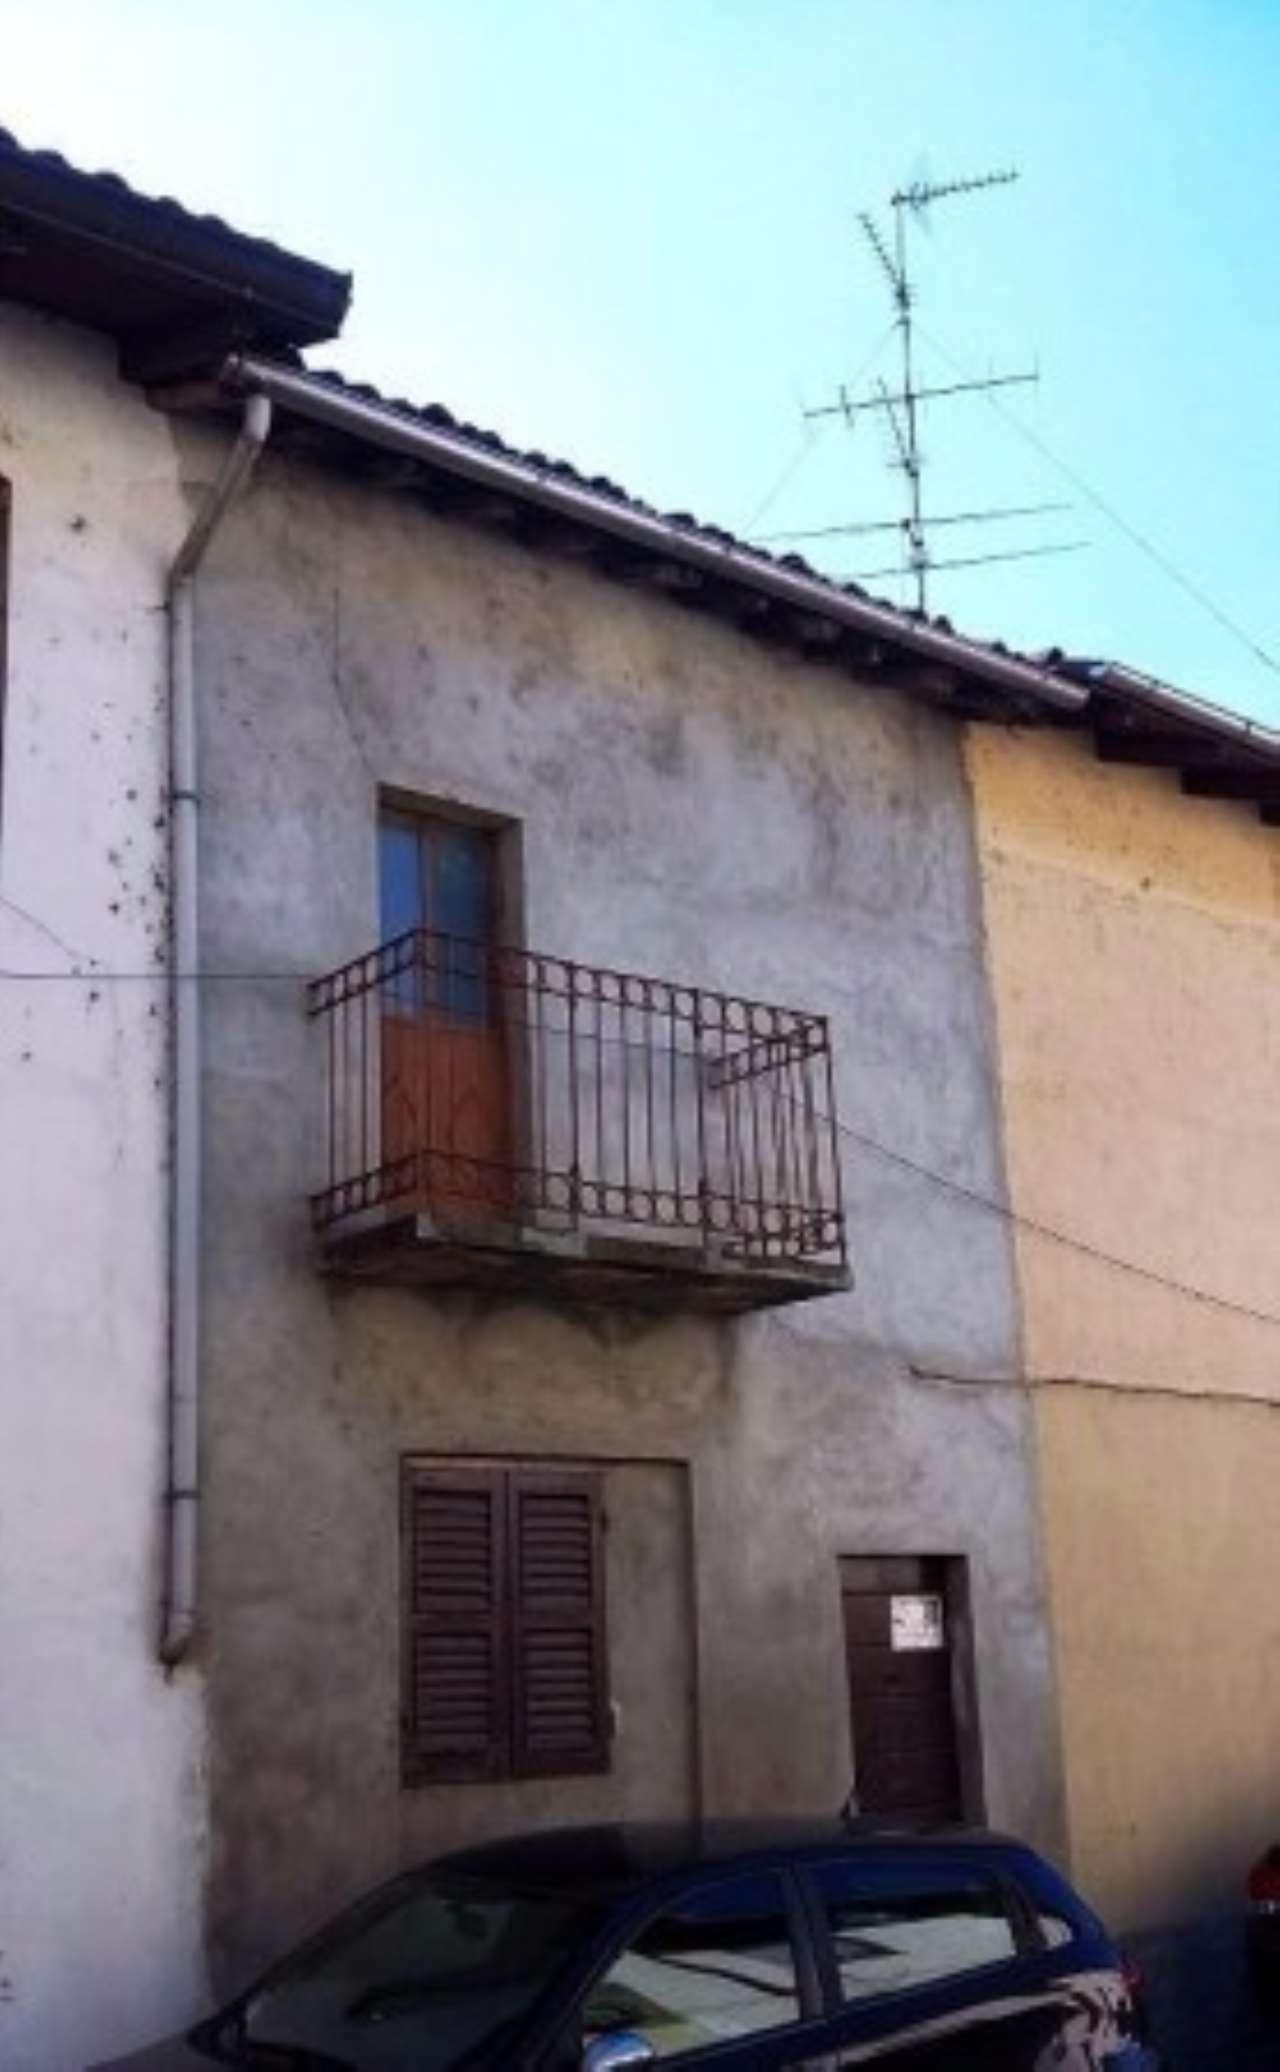 Rustico / Casale in vendita a Confienza, 9999 locali, prezzo € 11.000 | PortaleAgenzieImmobiliari.it